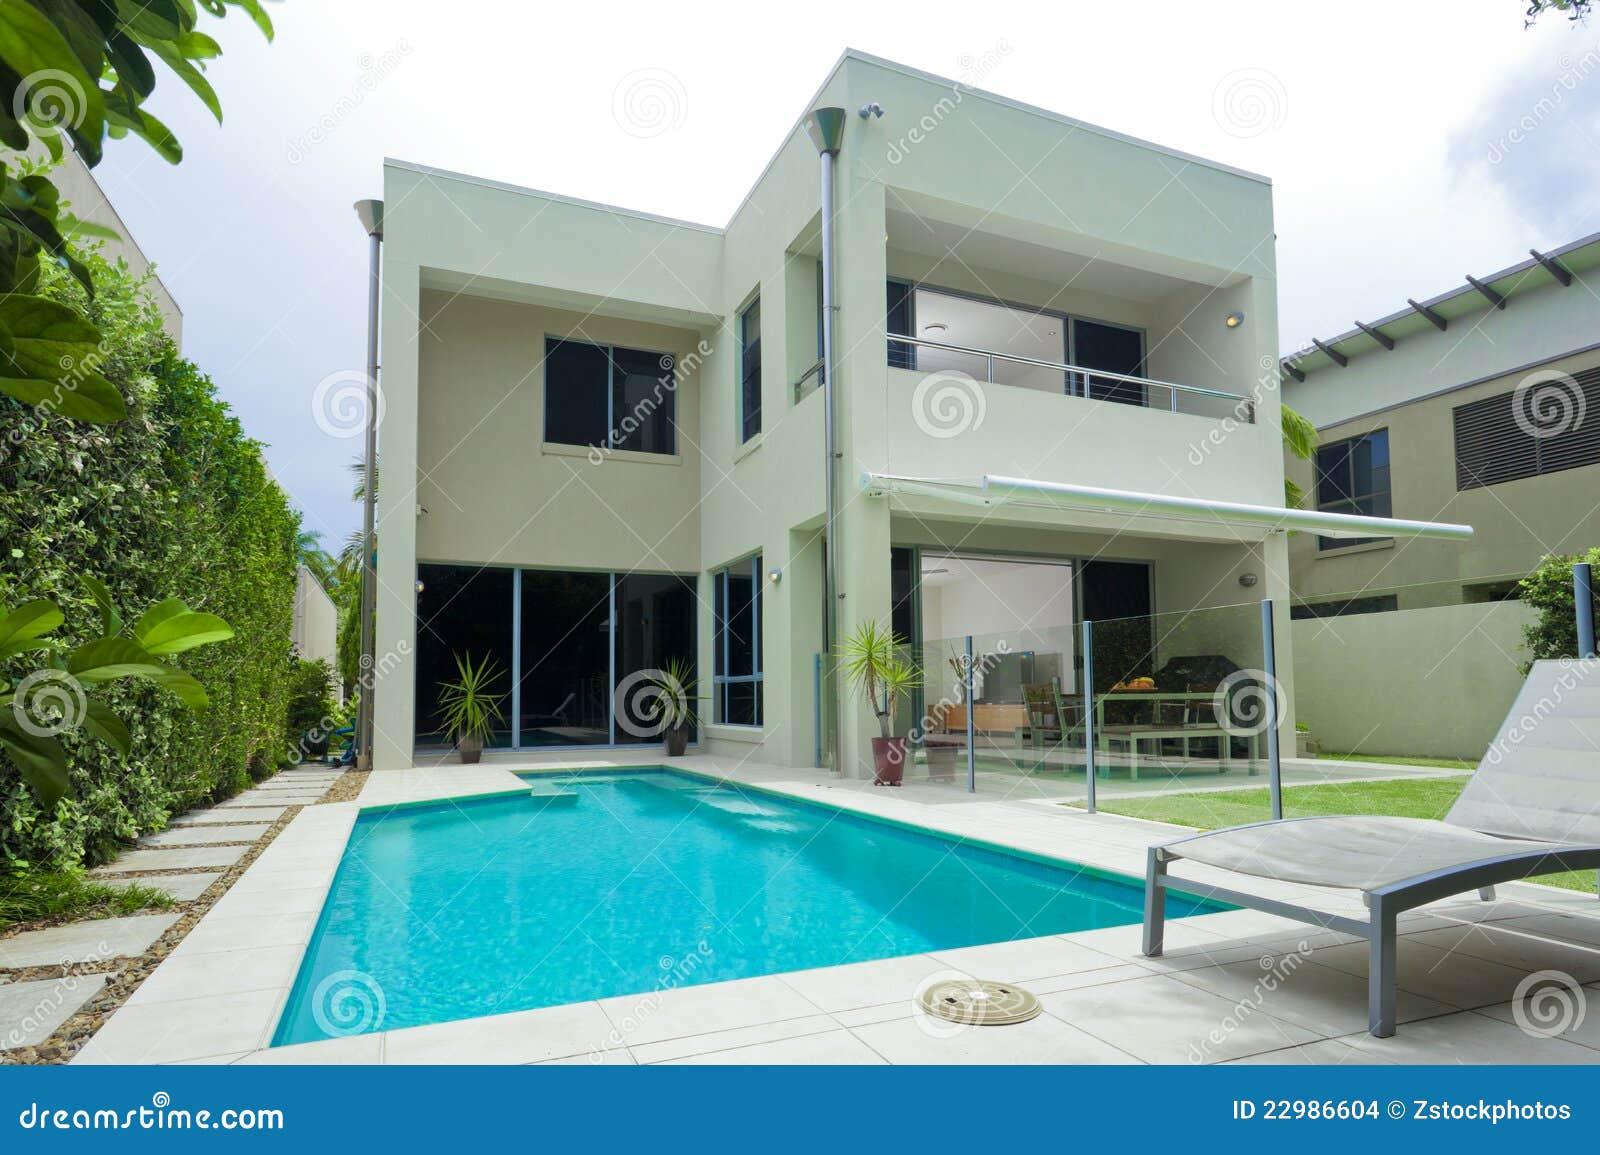 Moder house with swimming pool stock photo image 22986604 - Fotos de casas con piscina ...